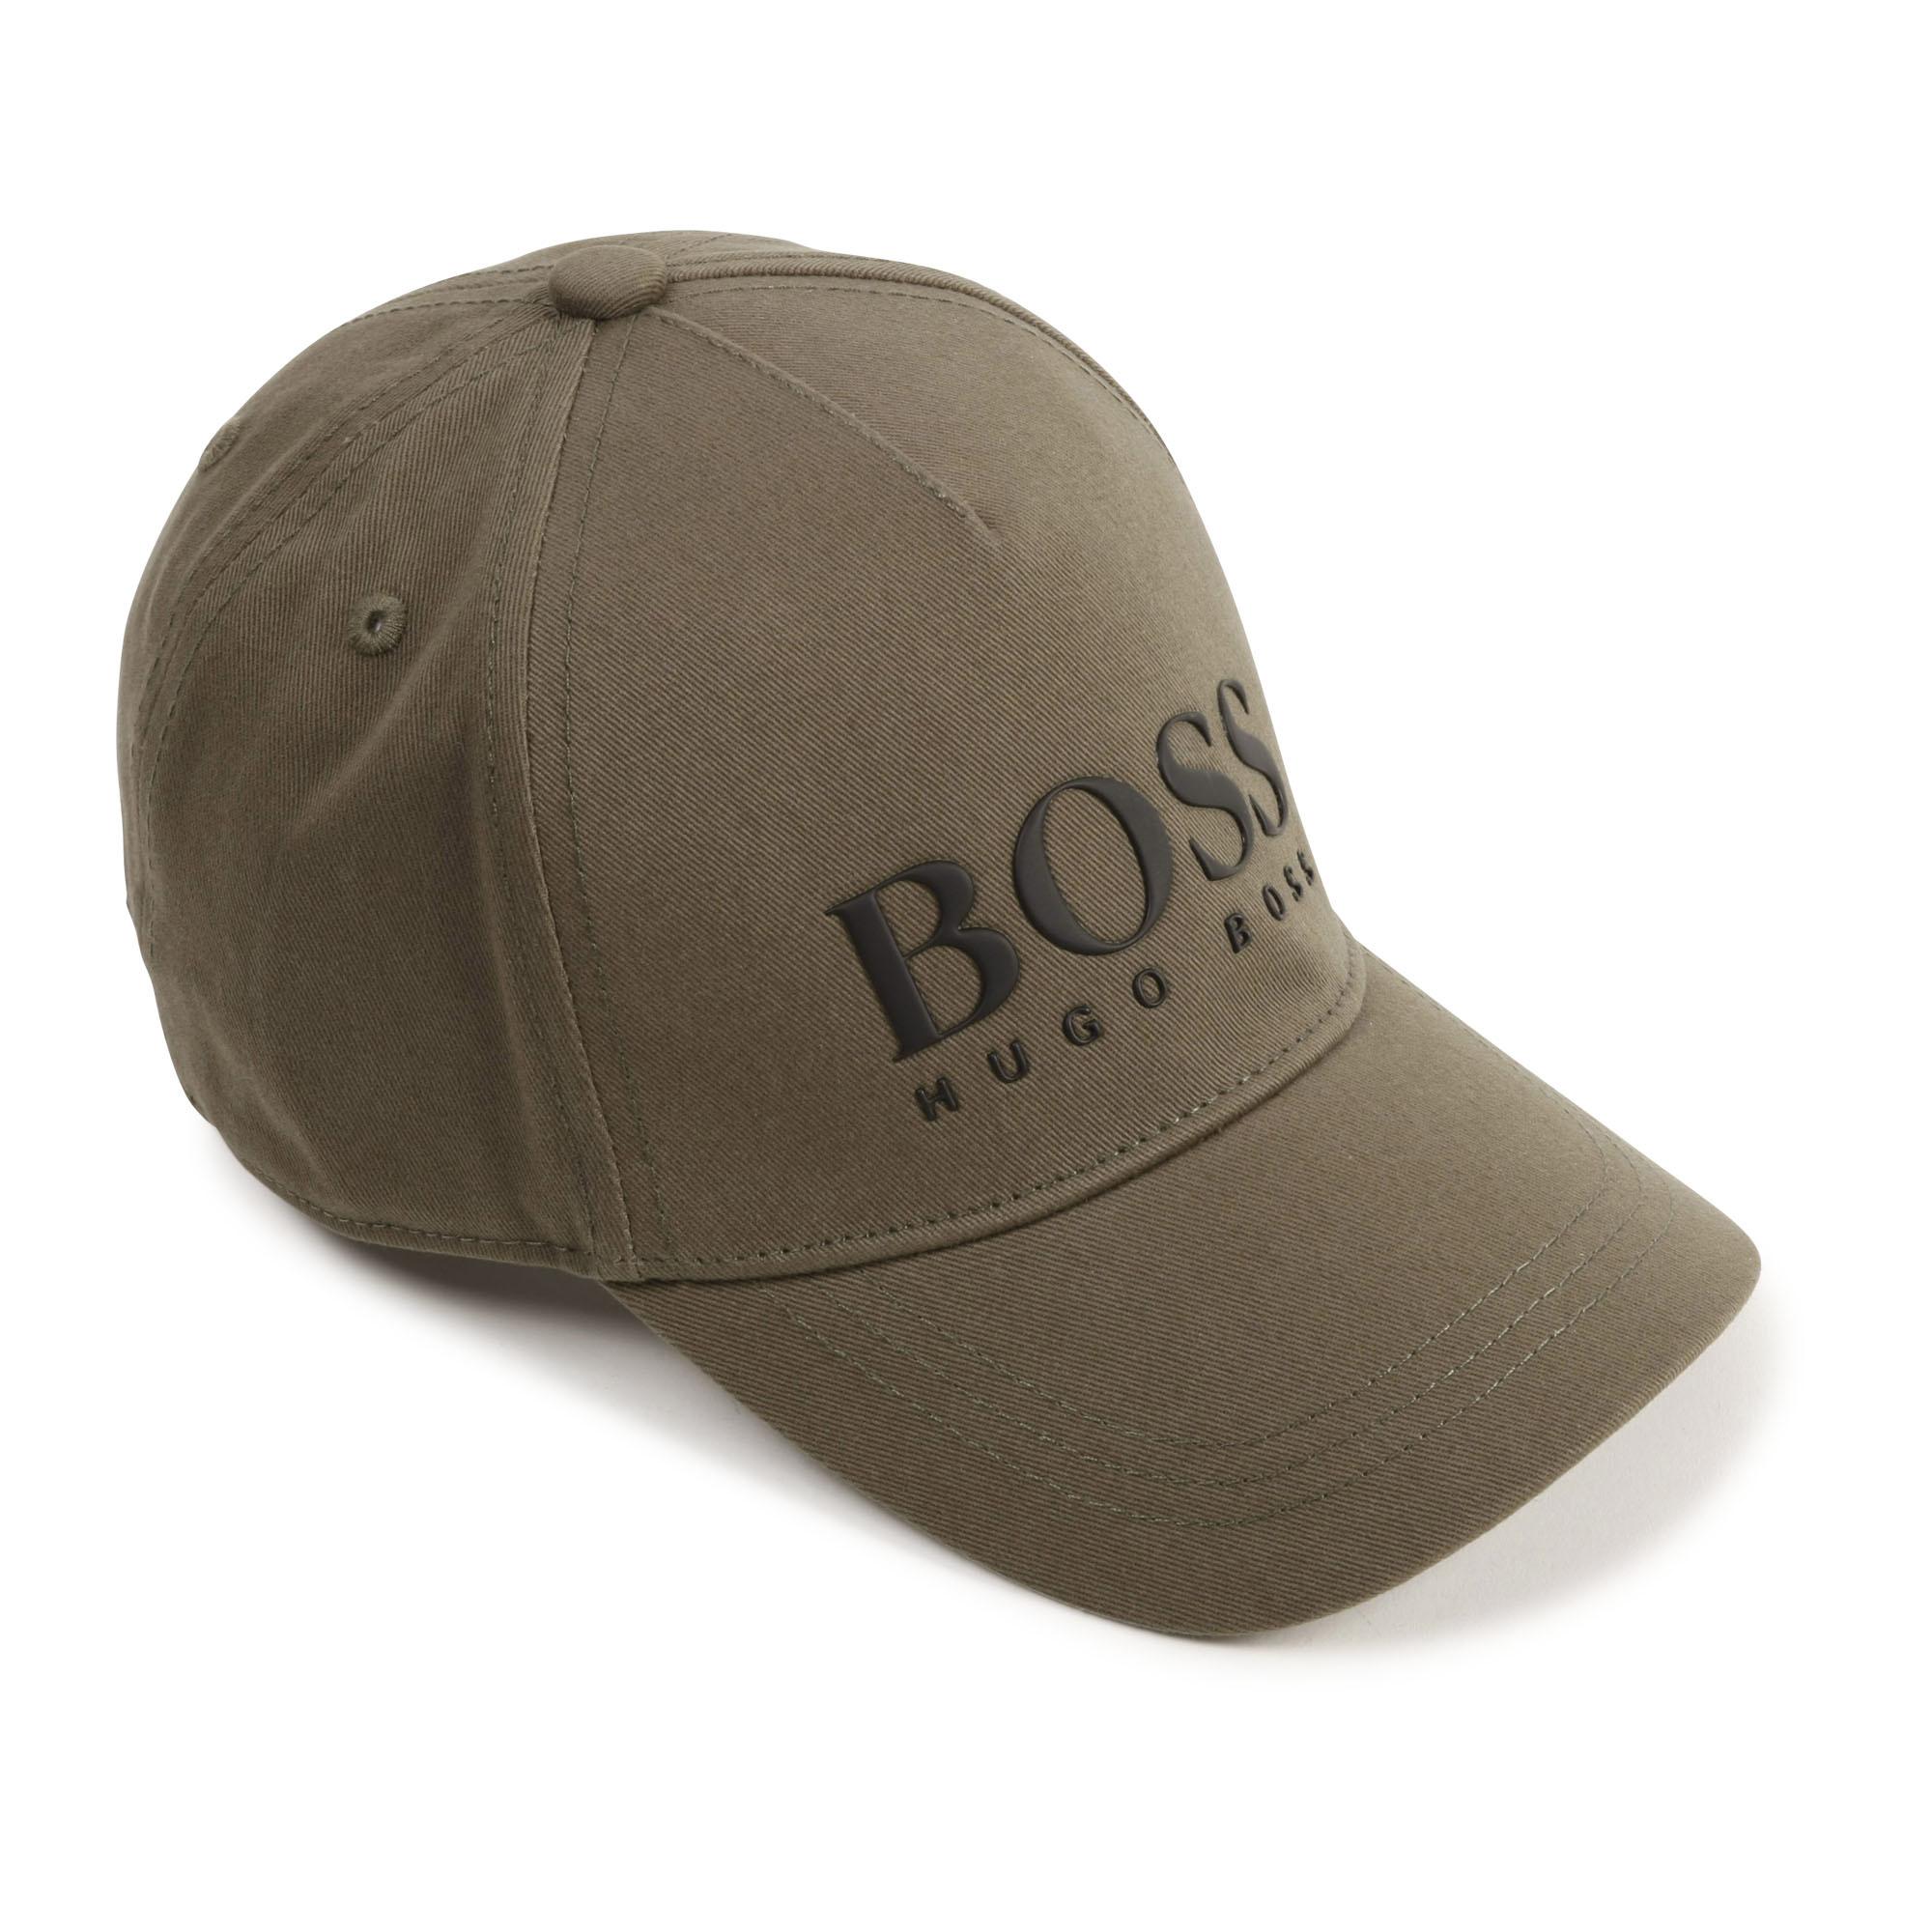 BOSS casquette en sergé de coton-1